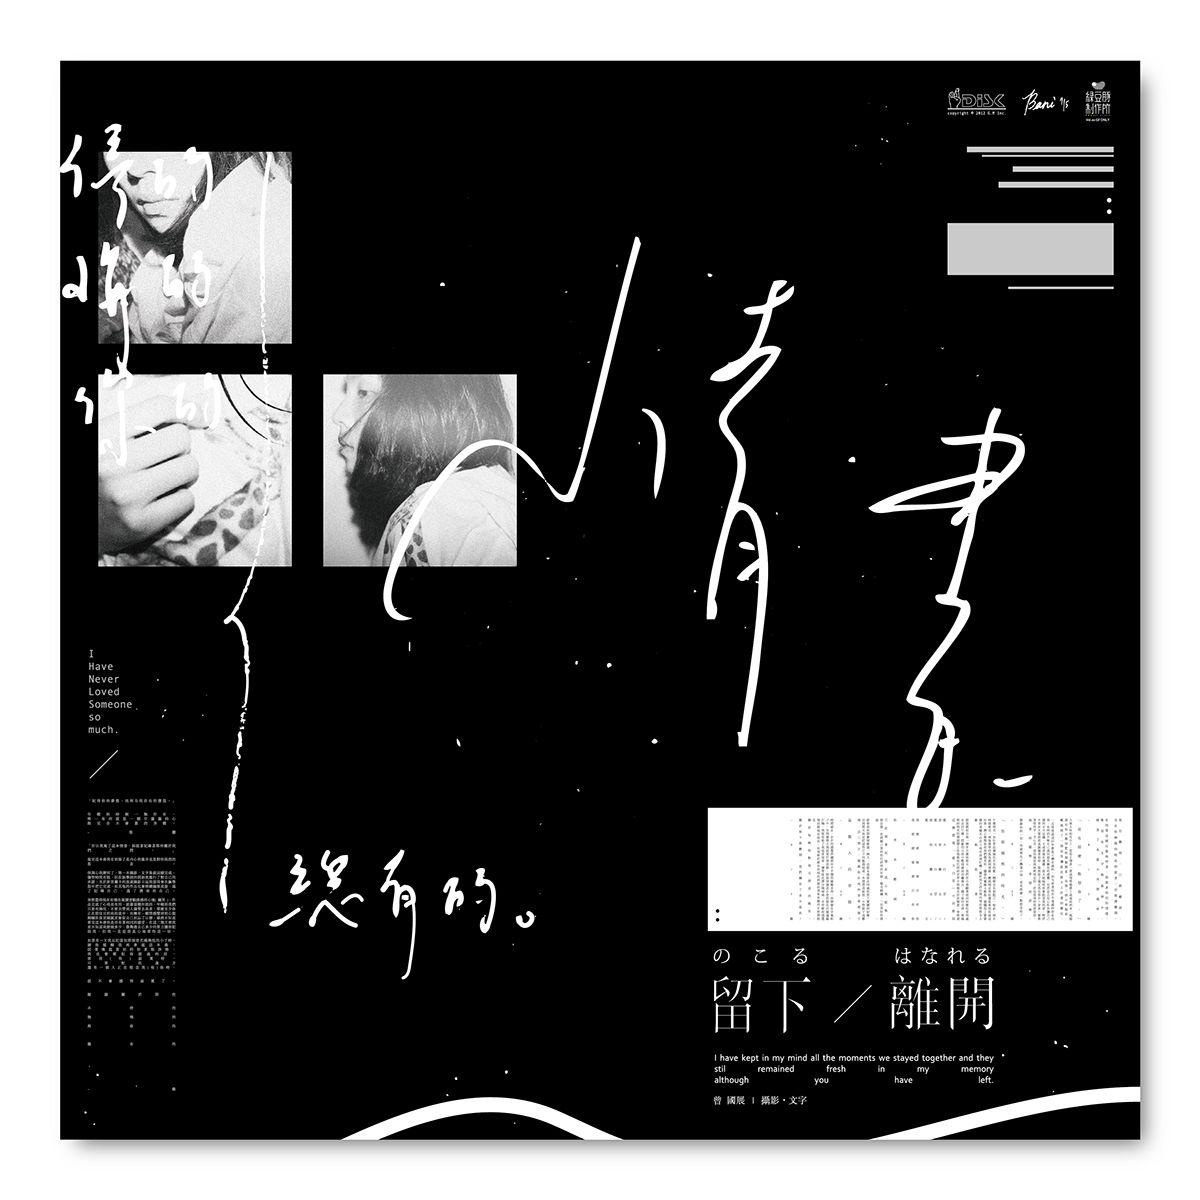 情書 |Love letter on Behance